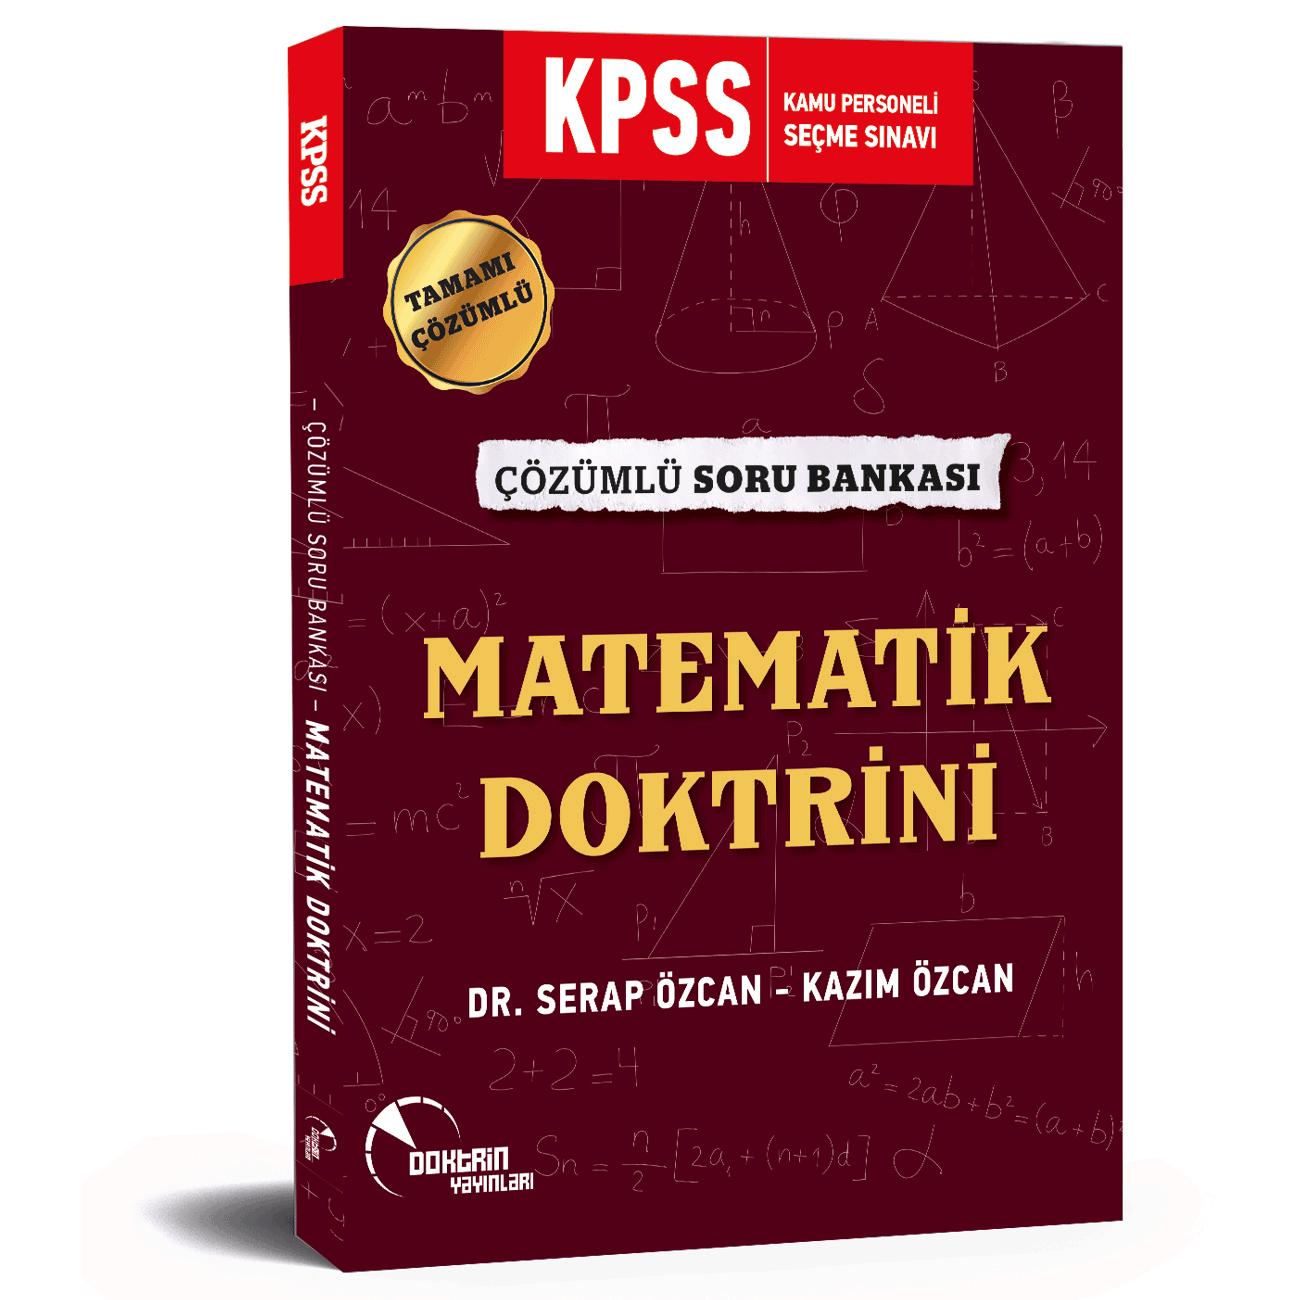 2020 KPSS Matematik Doktrini Tamamı Çözümlü Soru Bankası